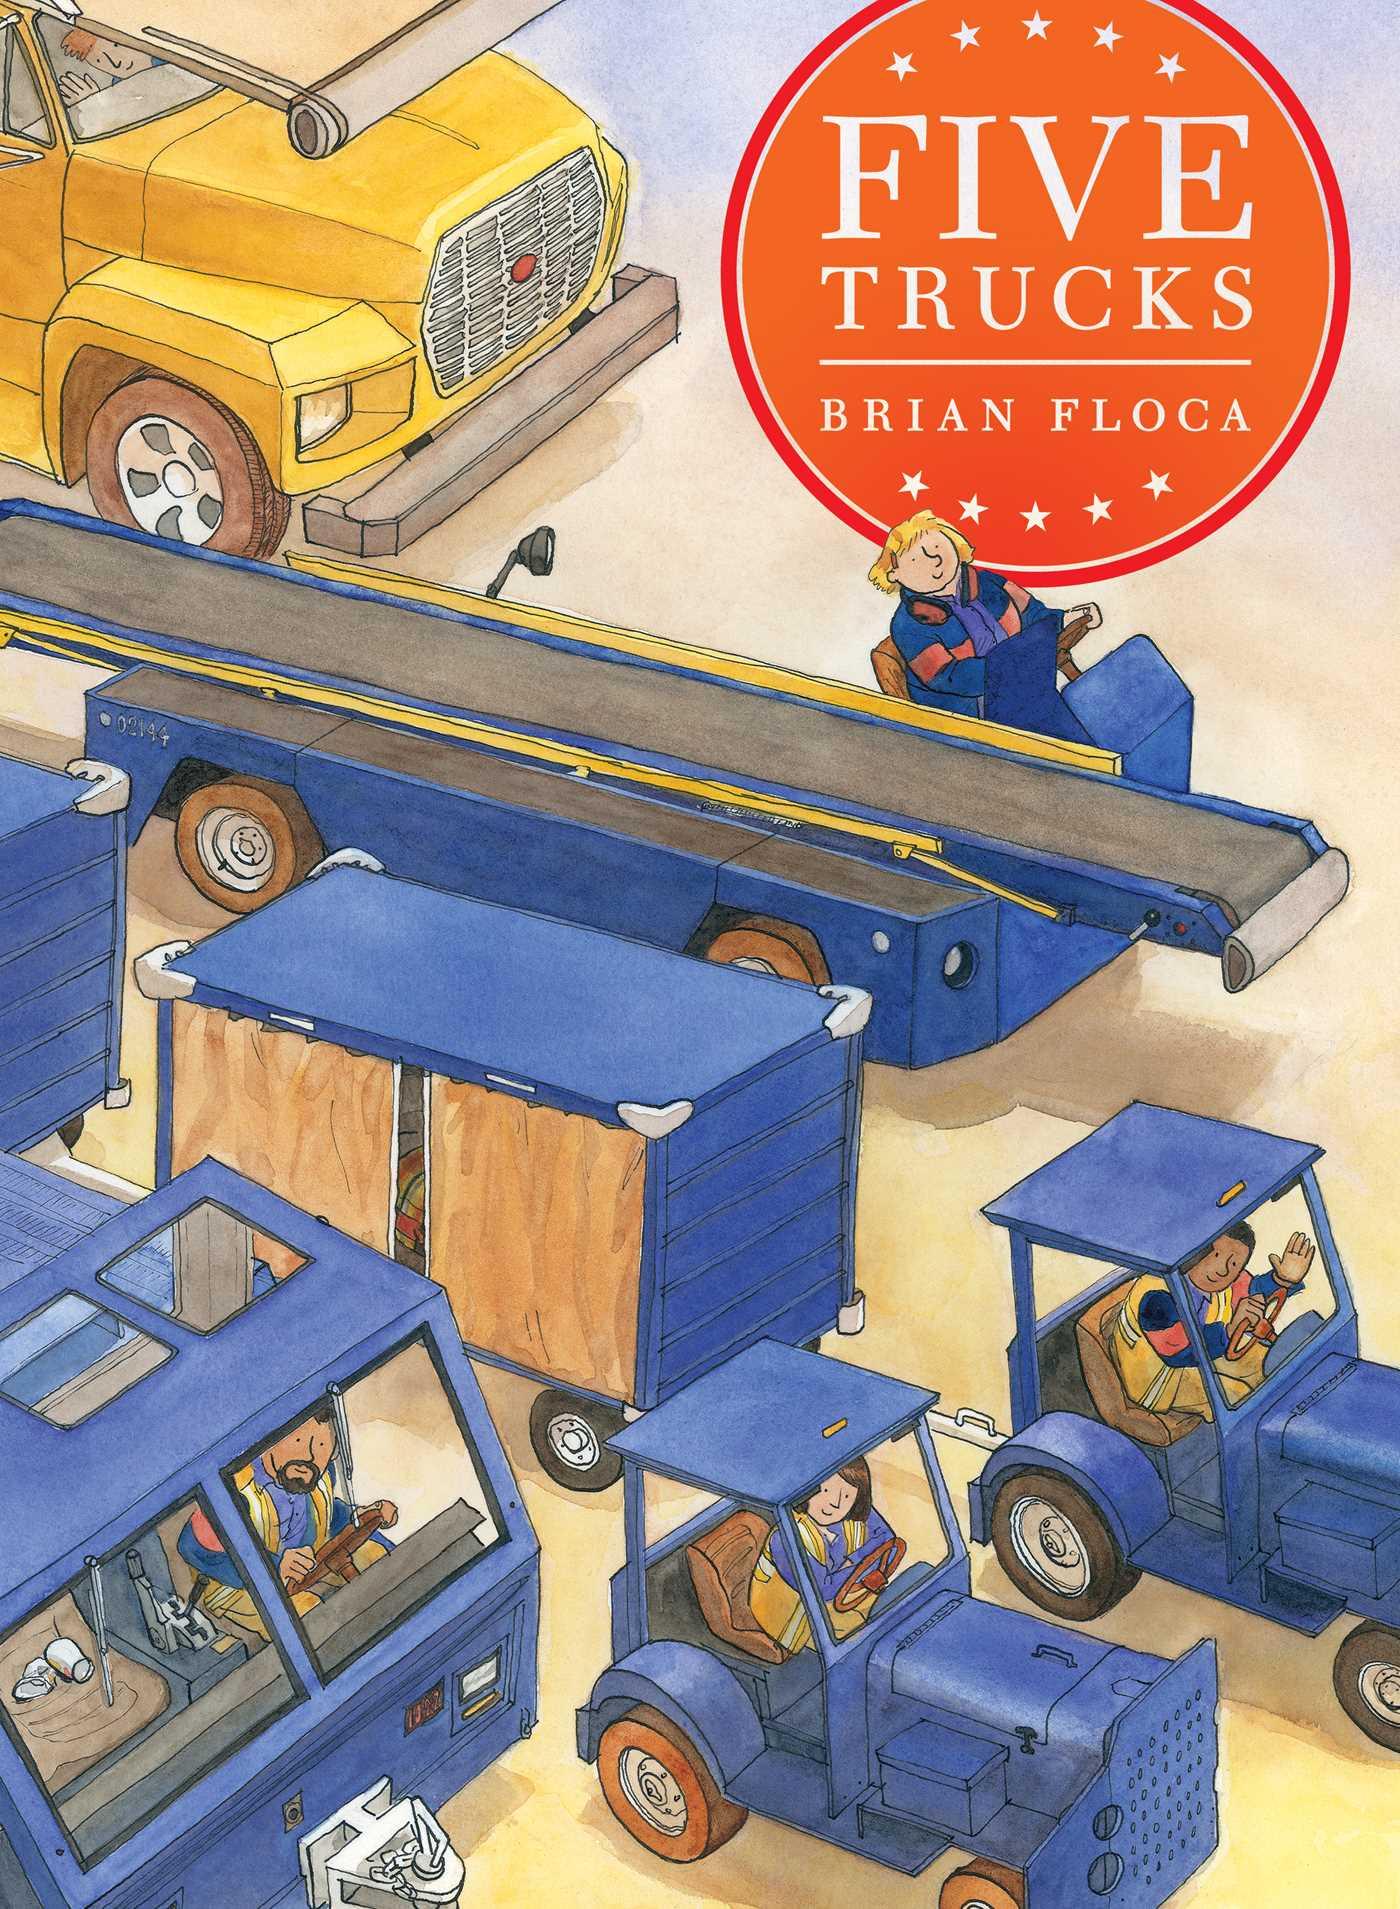 Five trucks 9781481405942 hr